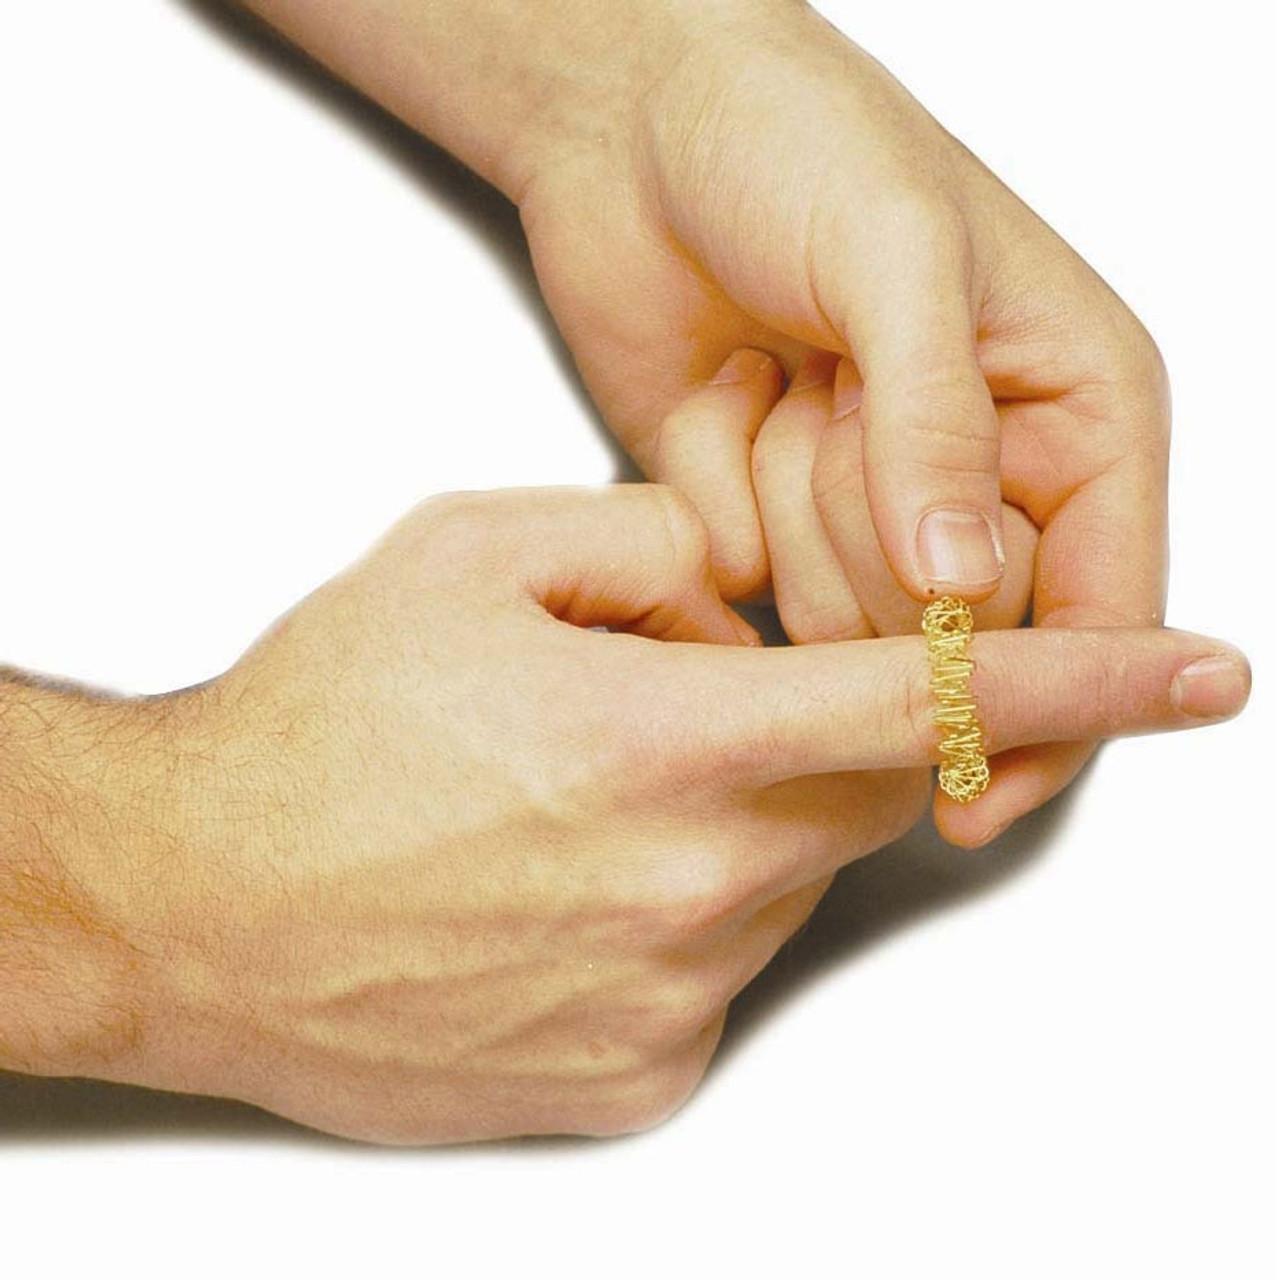 Figit Finger Massager; on finger